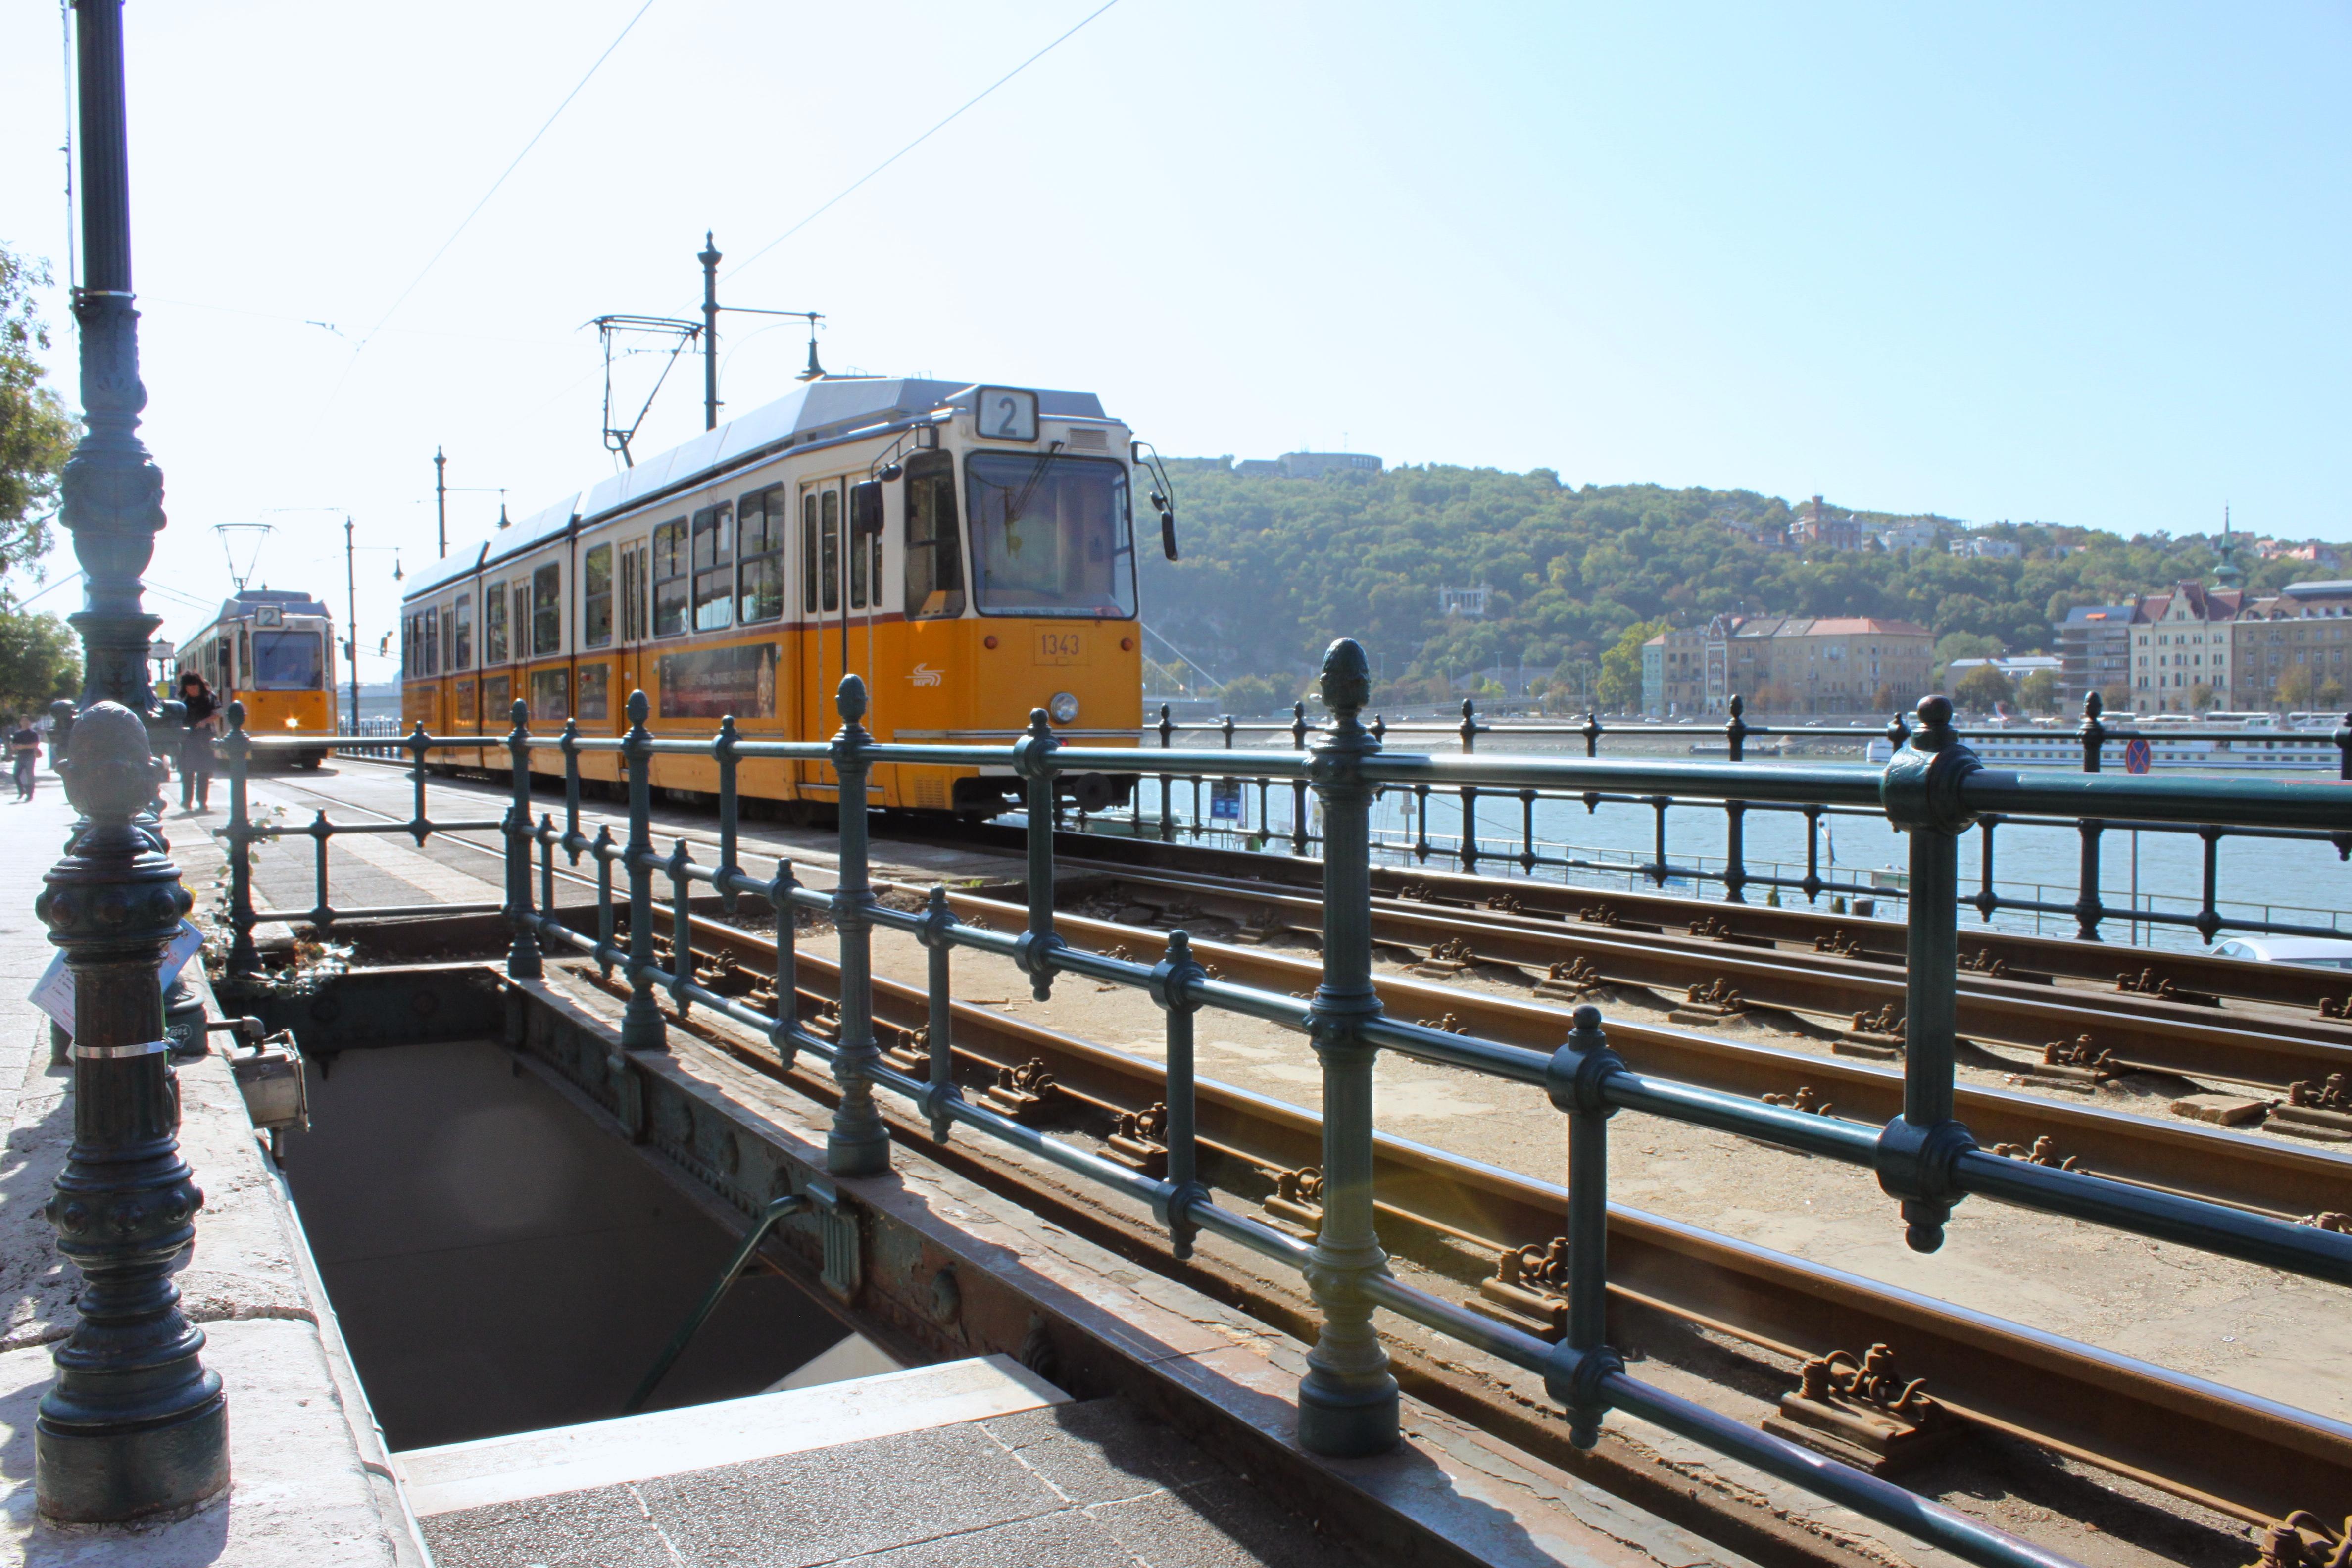 Un pretesto per tornare bisogna sempre seminarselo dietro quando si parte. A Budapest devo tornarci per salire su questi vecchi tram e guardare la città dai suoi finestrini.